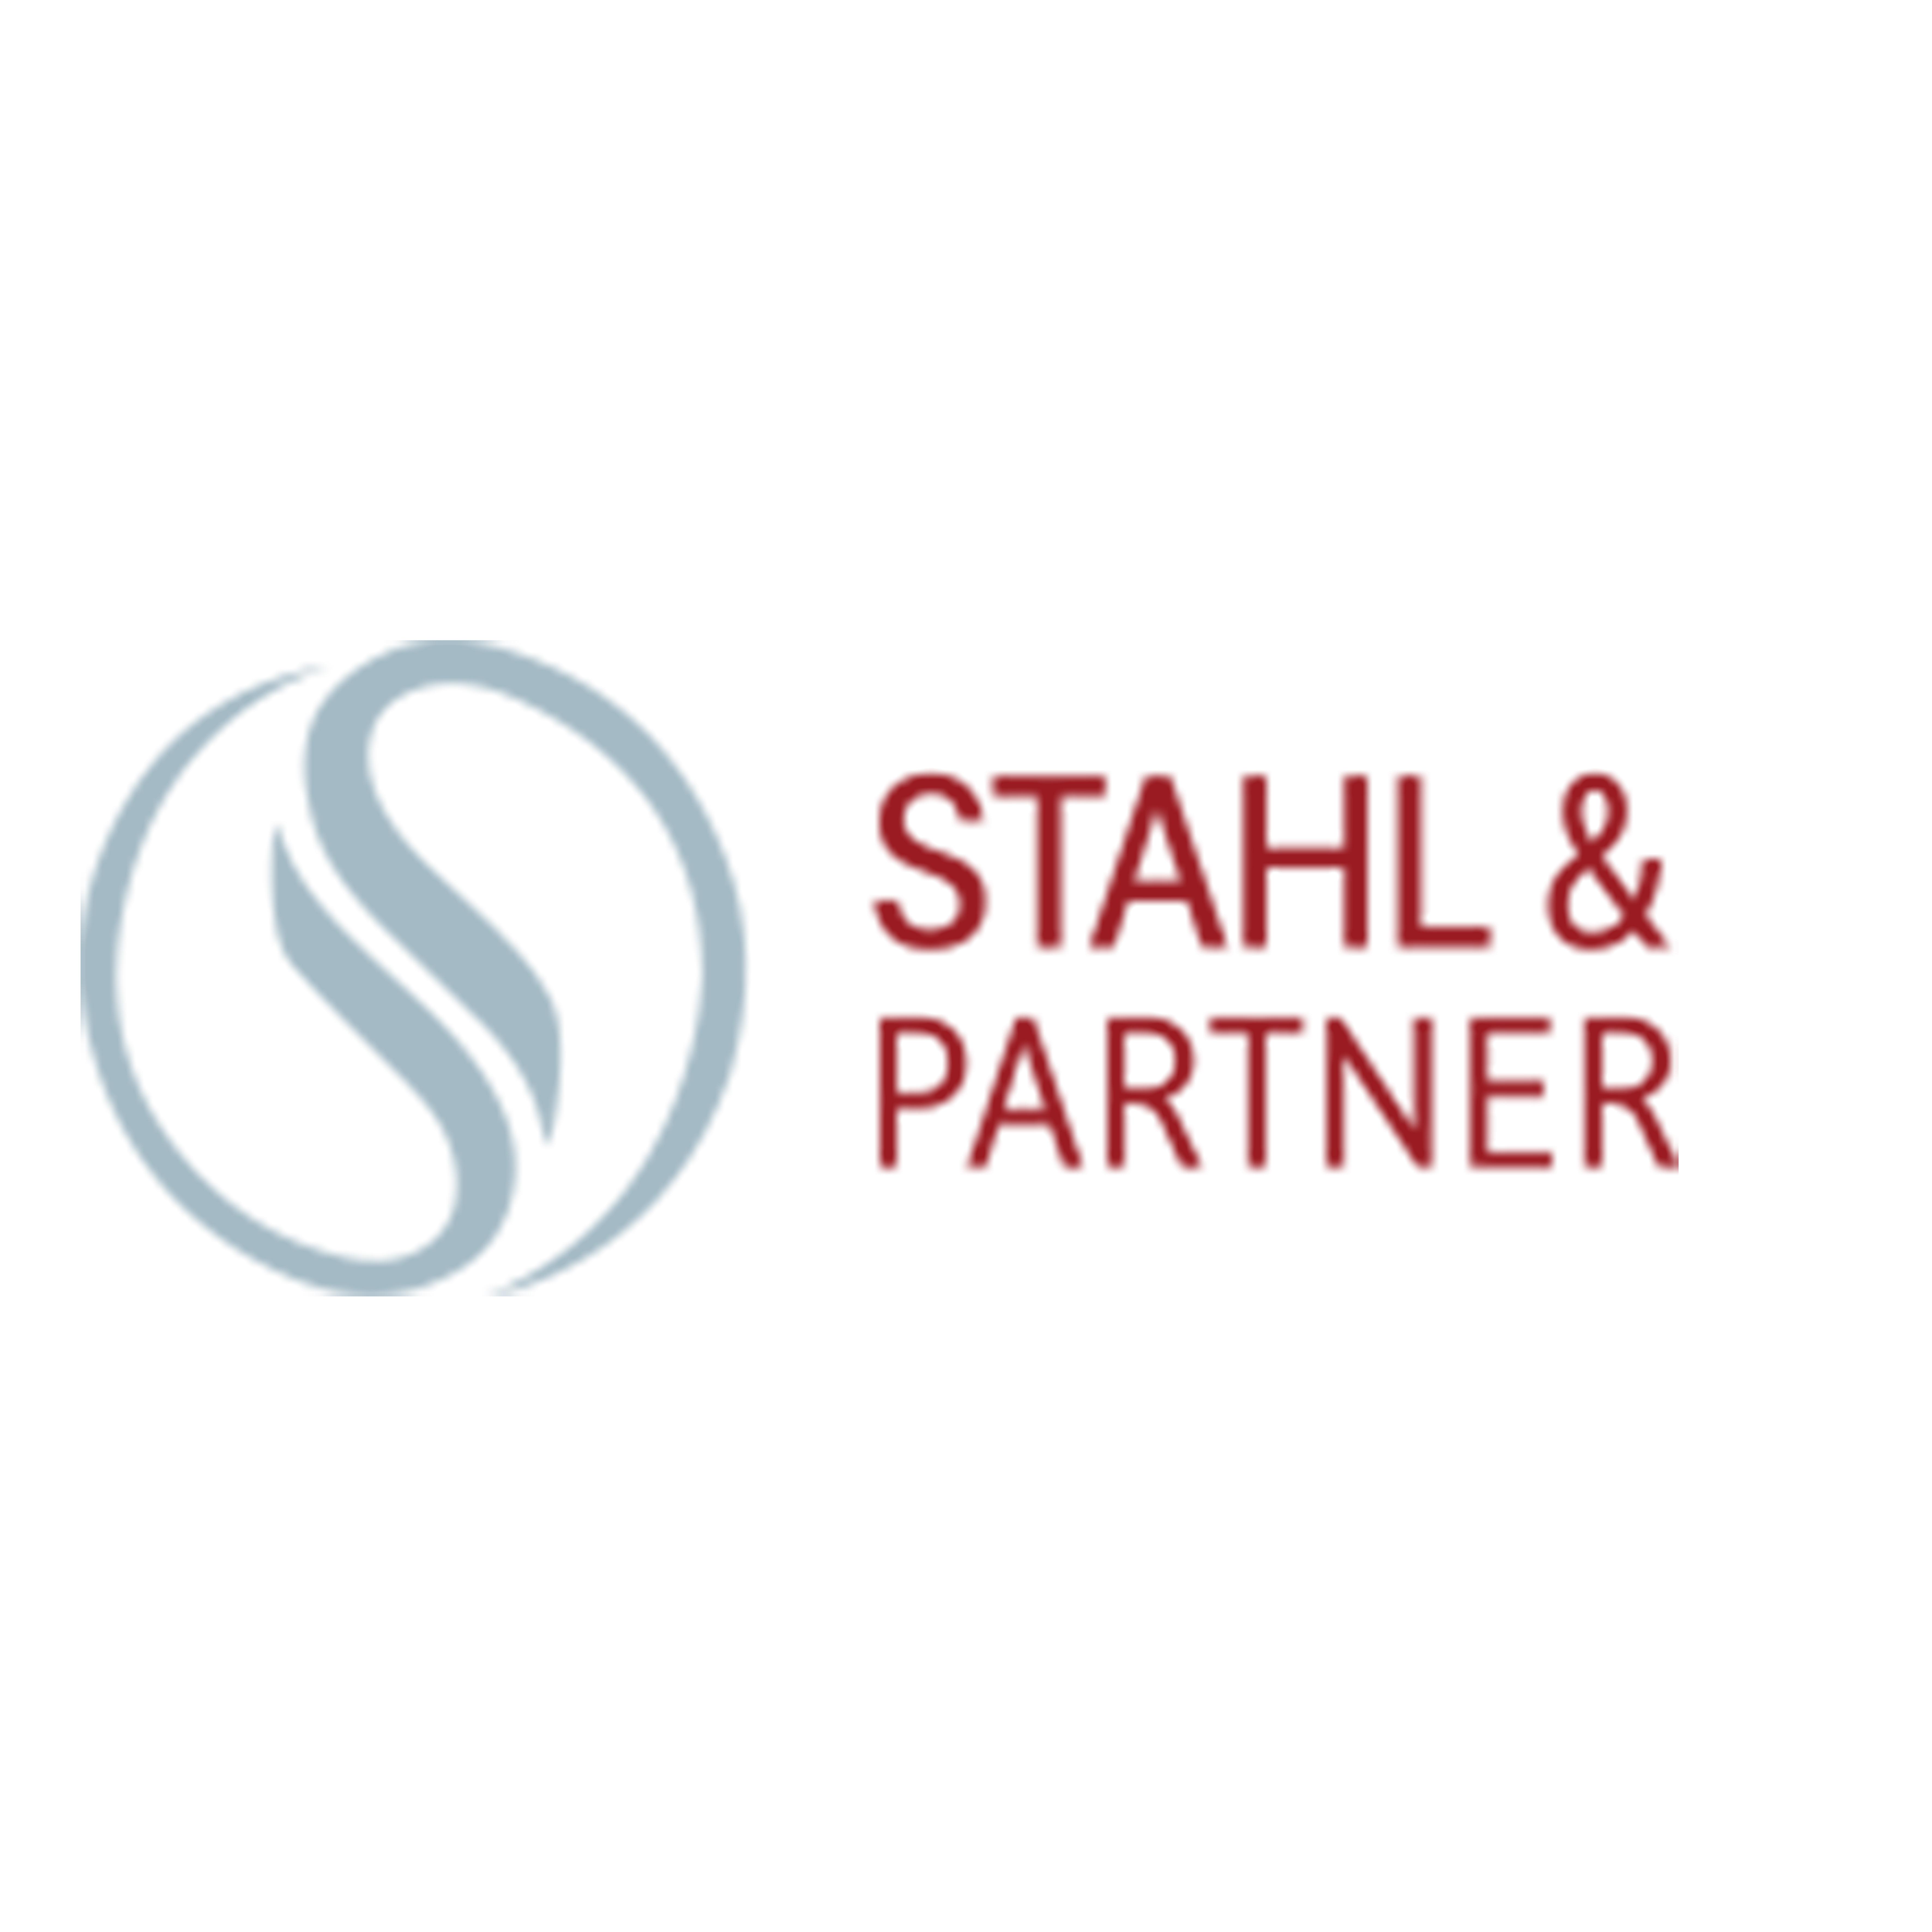 Bild zu Dr. Stahl & Partner - Dr. Peter Stahl und Ralf Jorzik in Datteln